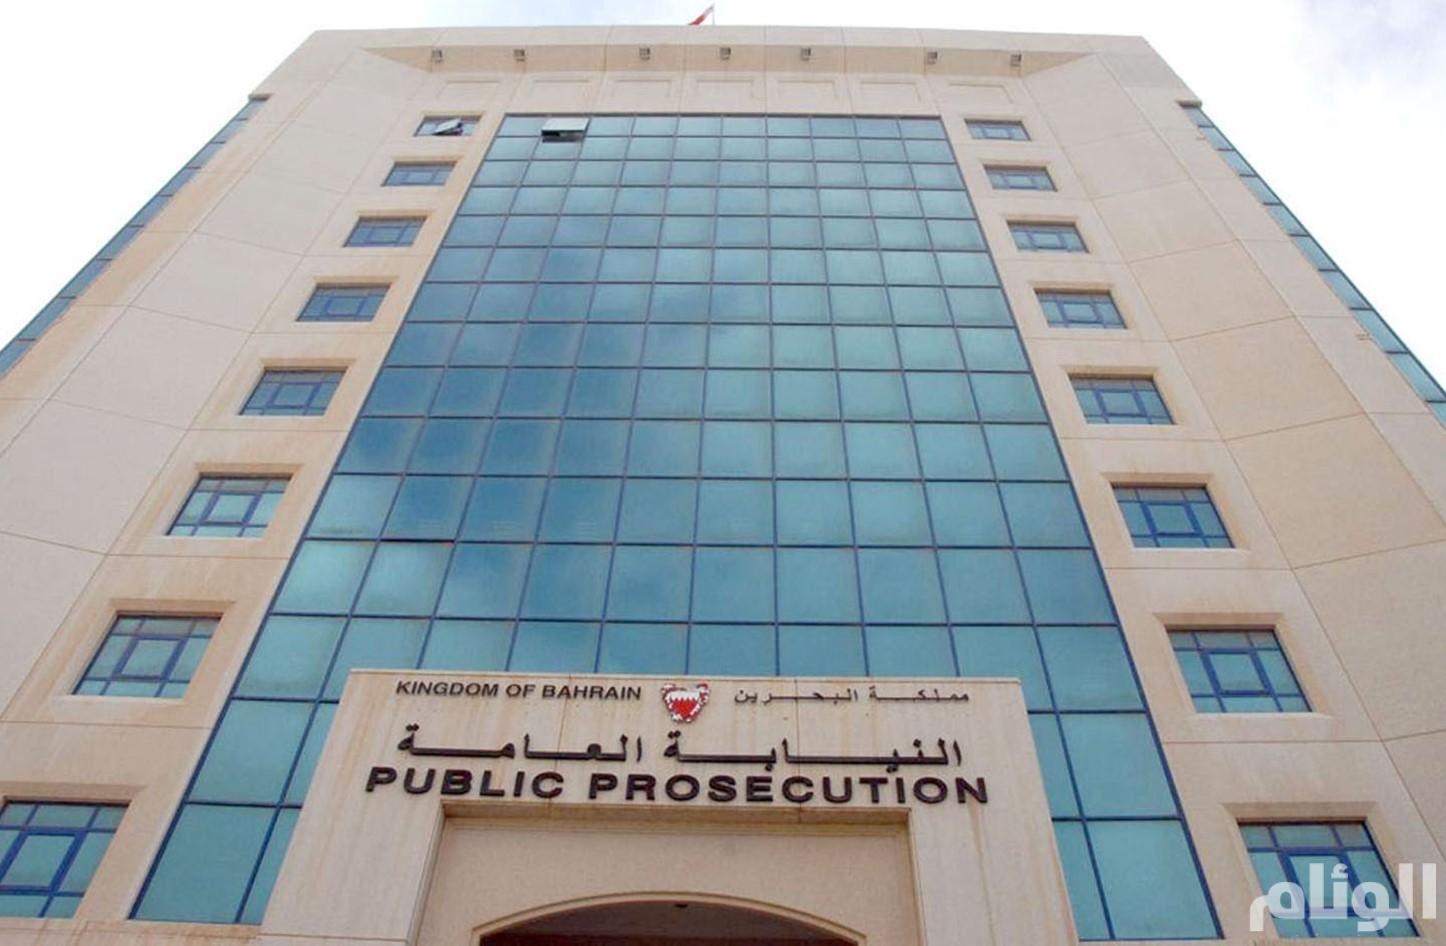 البحرين: حبس متهم بث أخبارا وشائعات كاذبة تضر بالأمن الوطني